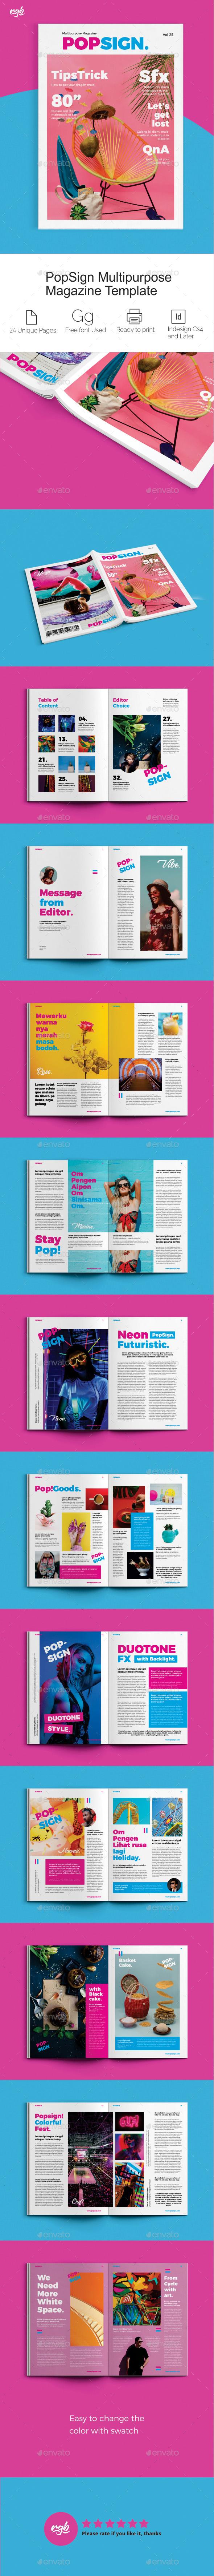 Popsign Multipurpose Magazine - Magazines Print Templates